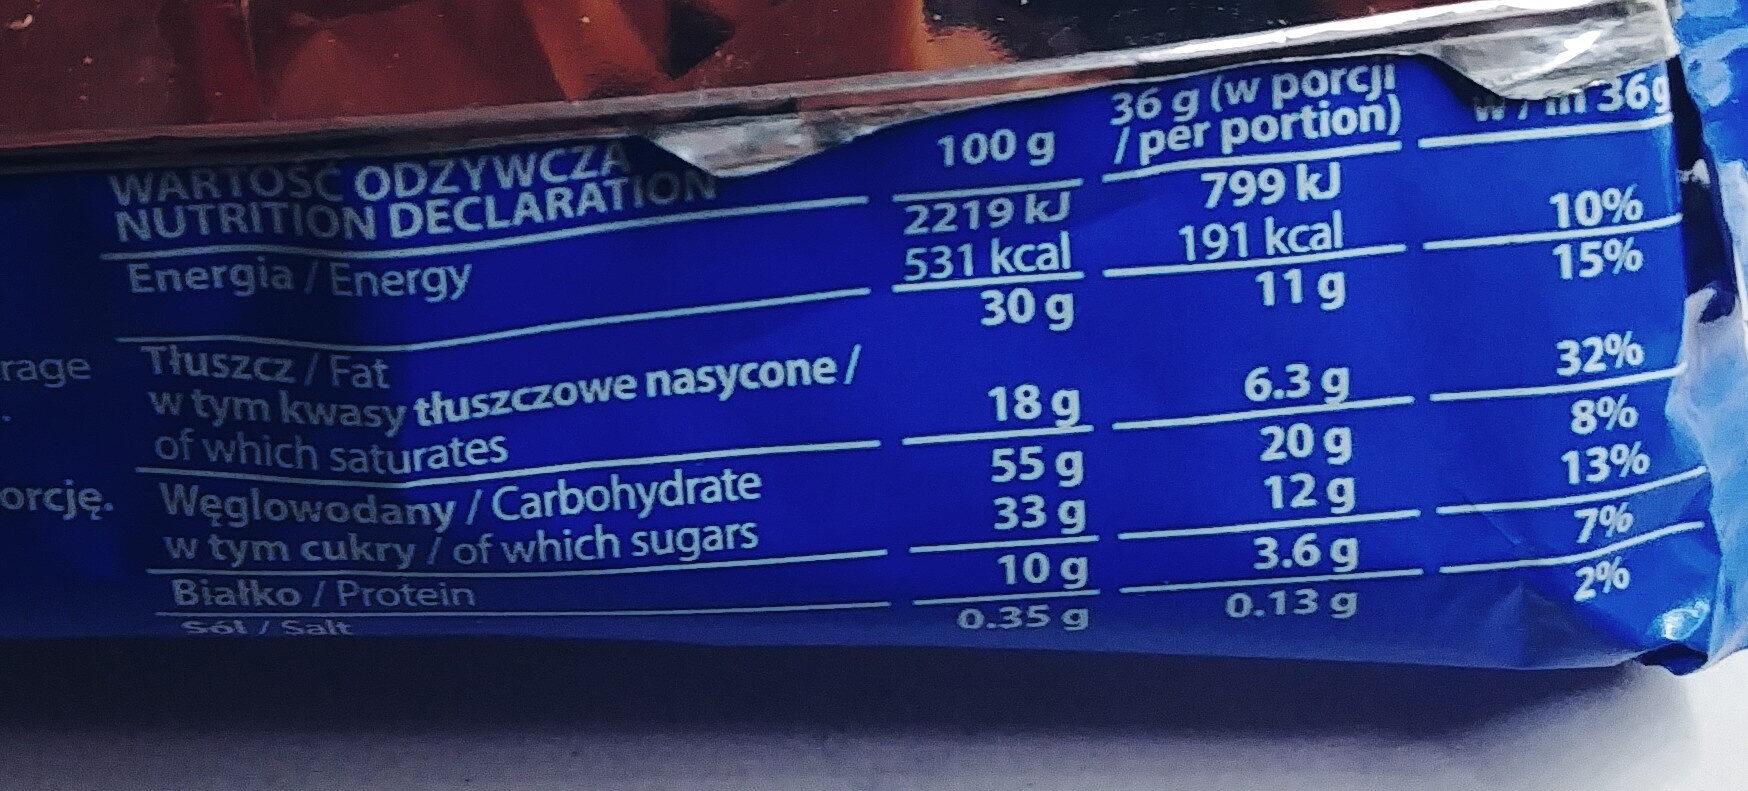 Wafel przekładany kremem kakaowym w czekoladzie mlecznej - Wartości odżywcze